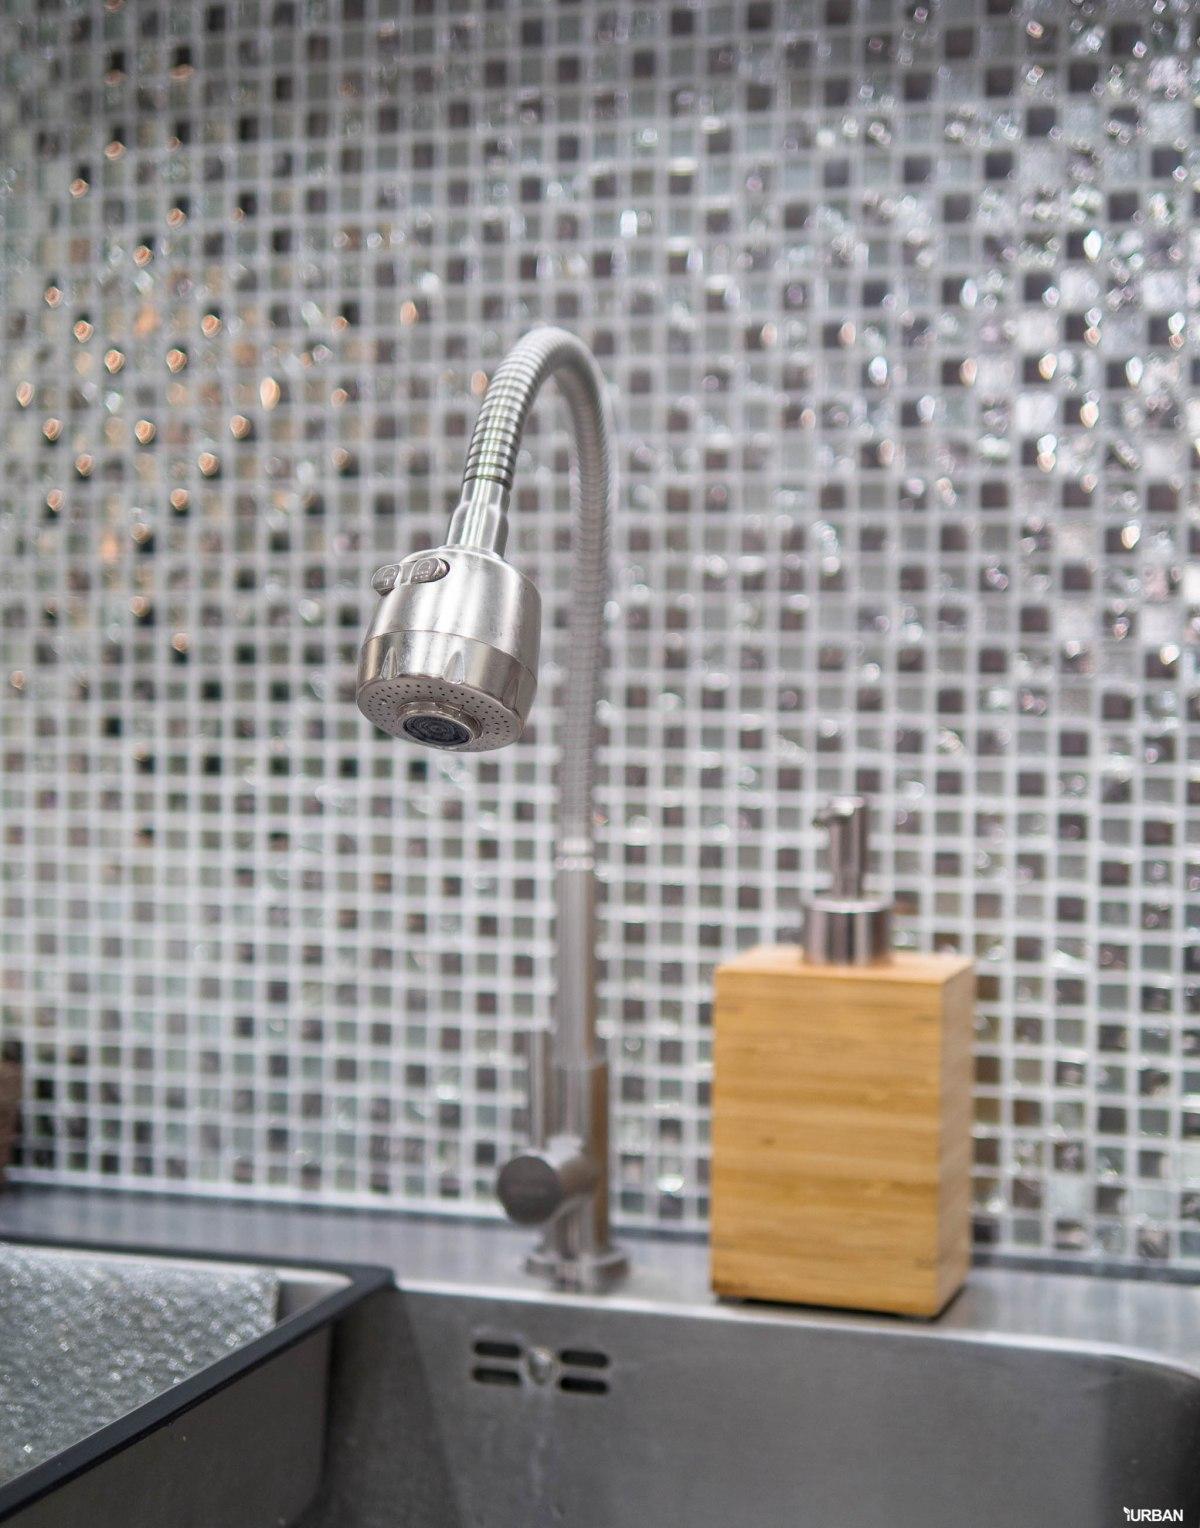 รีโนเวทครัว ให้สวยหรูสไตล์ Modern Luxury แบบจบงานไว ไม่กระทบโครงสร้างเดิม 94 - jorakay